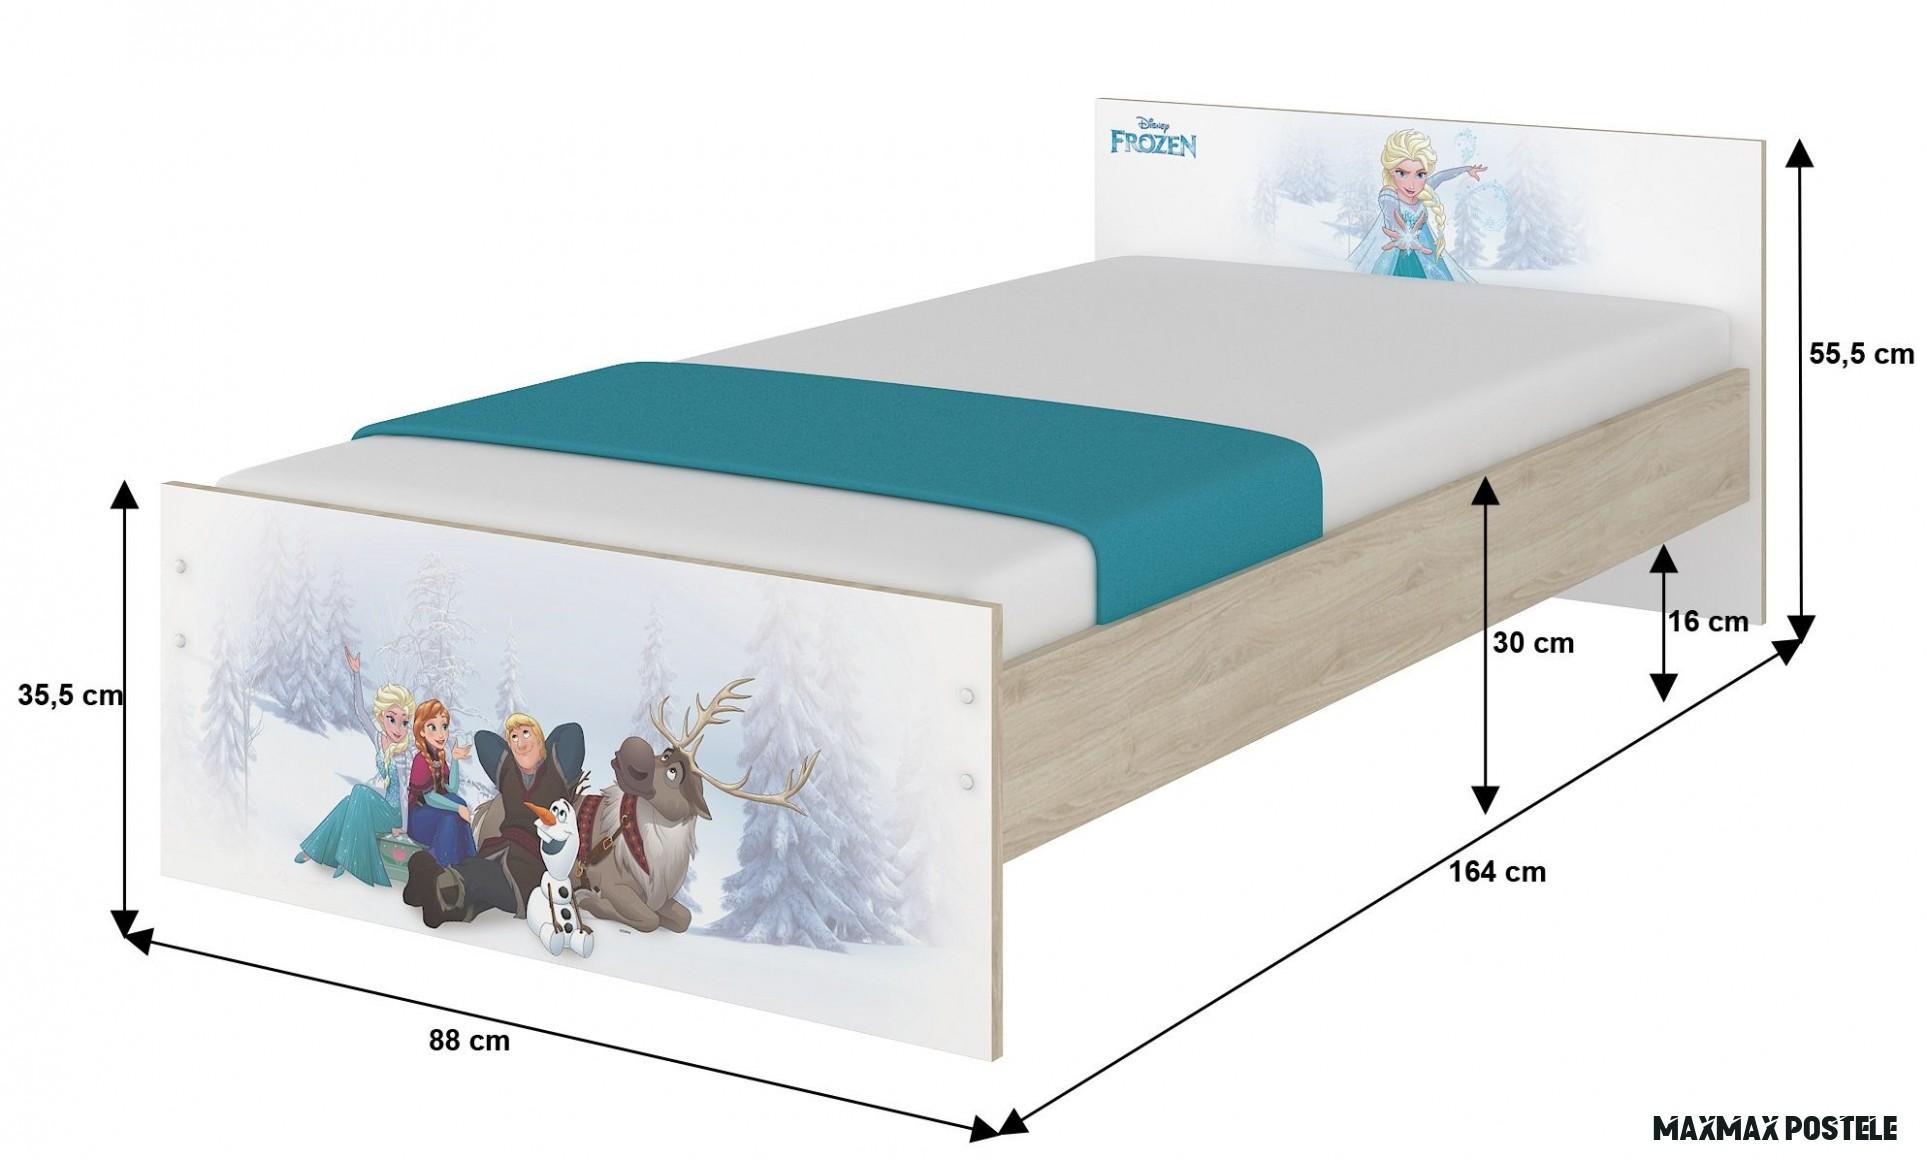 Dětská postel MAX bez motivu 18x18 cm - bílá